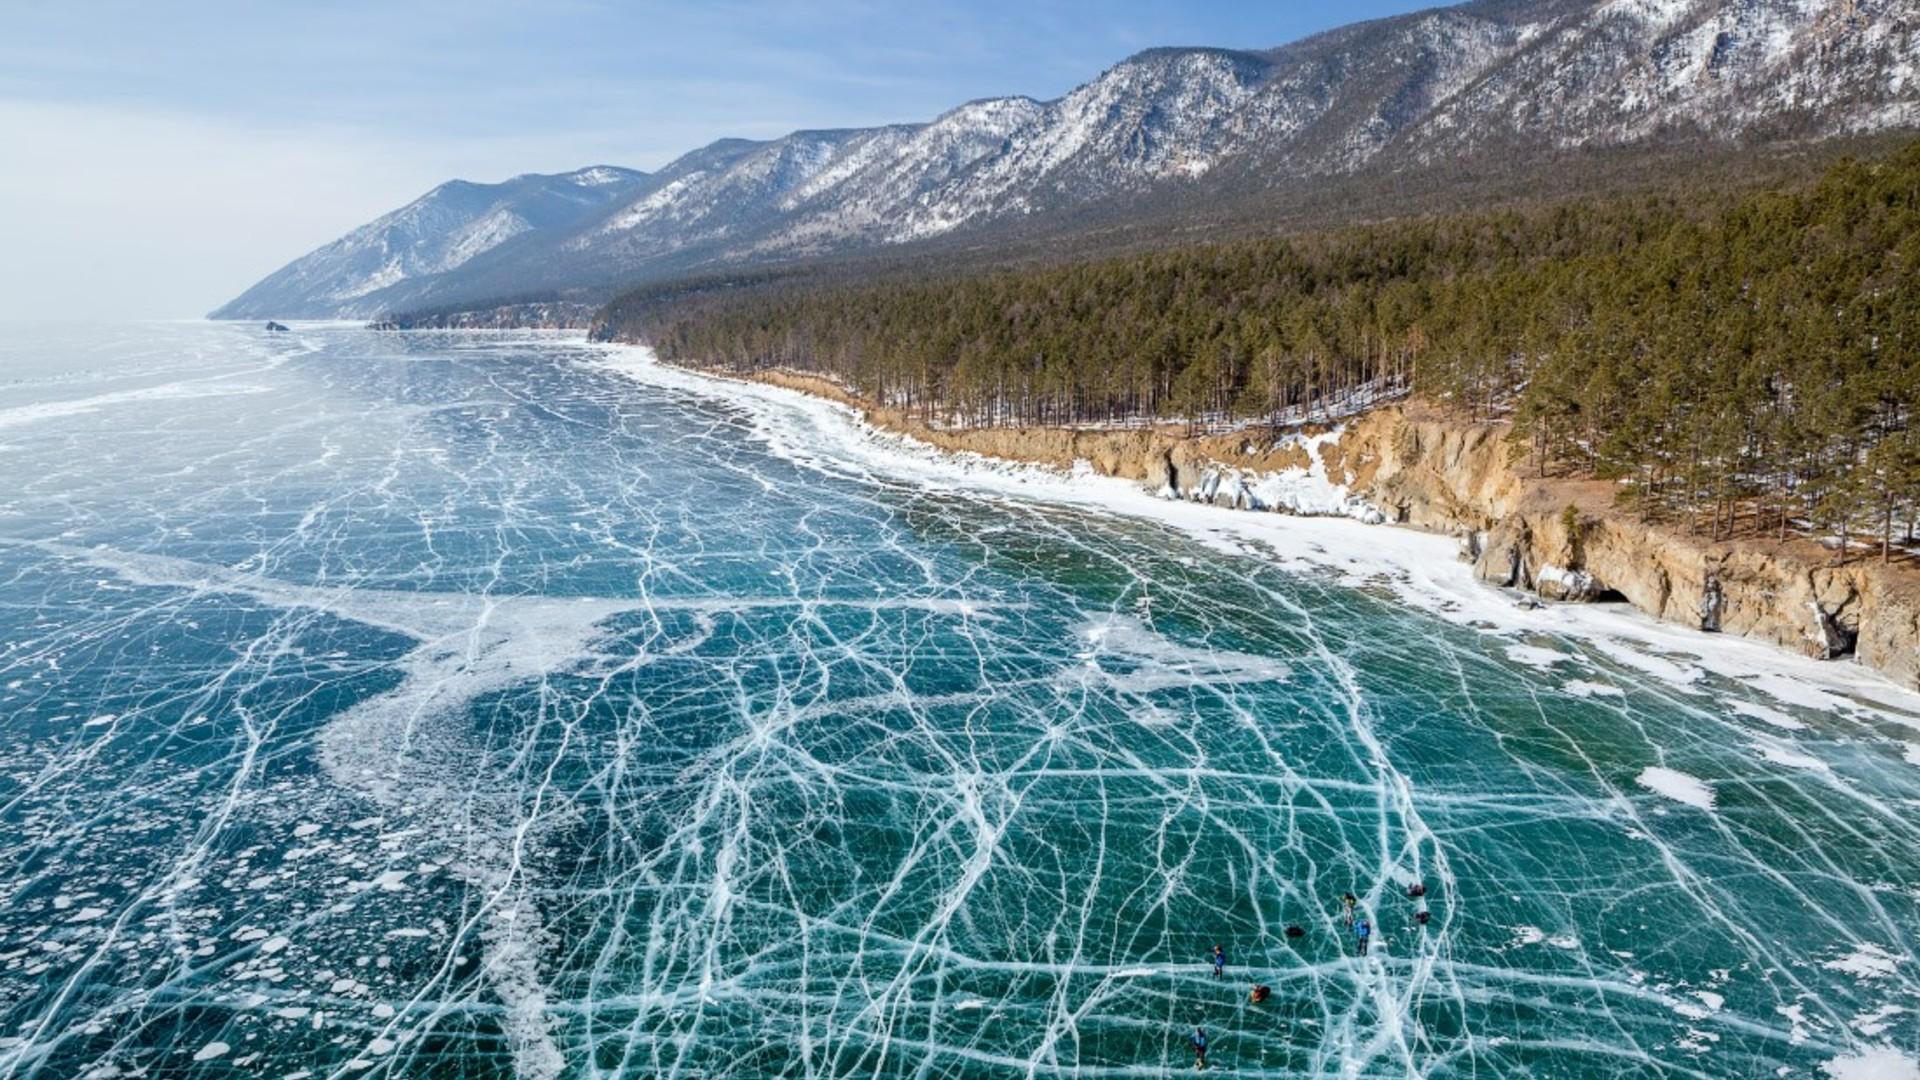 этого озеро байкал в россии или нет действуйте принципу оставляйте